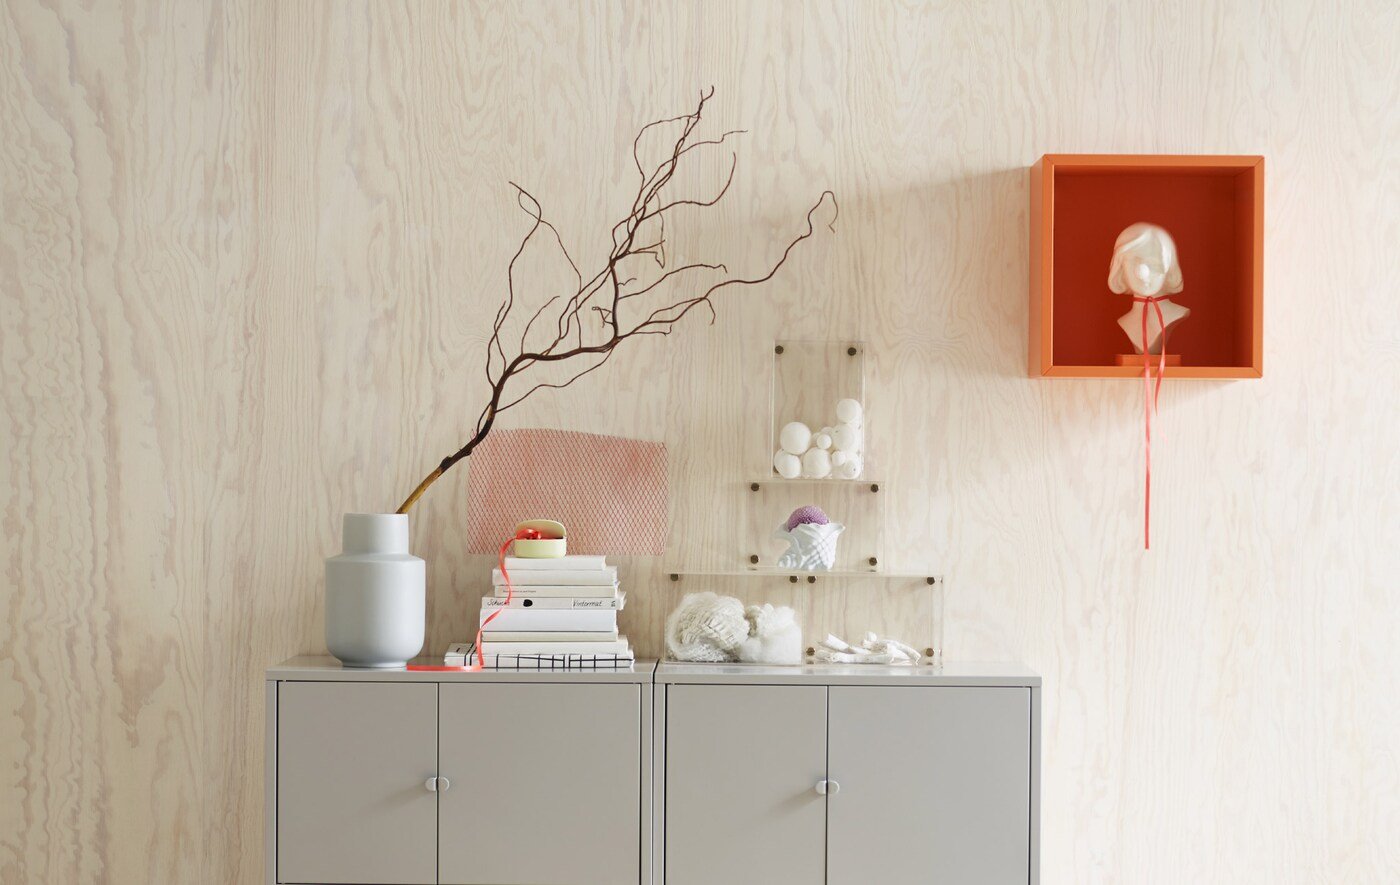 A IKEA pode ajudá-lo, oferecendo-lhe ideias de decoração como uma solução de arrumação de inspiração escandinava, armários fechados em metal cinzento, objetos em exposição em caixas de plástico e um armário aberto quadrado em laranja vistoso.